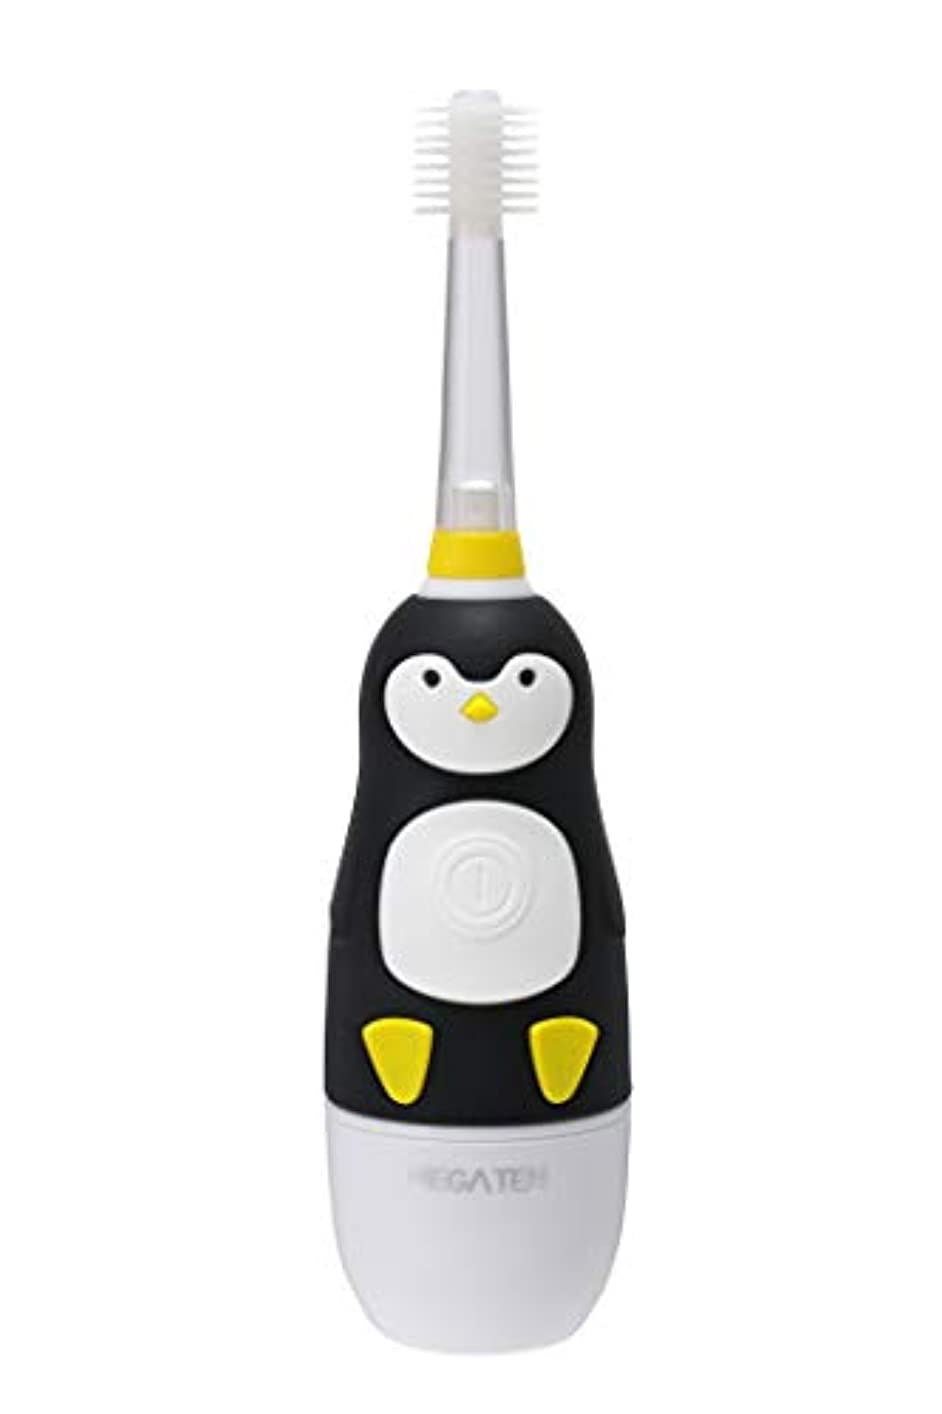 ネット輪郭列挙するVIVATEC(ビバテック) 子供用電動歯ブラシ ピカるん ぶるぶるはぶらし ぺんぎん 23cm